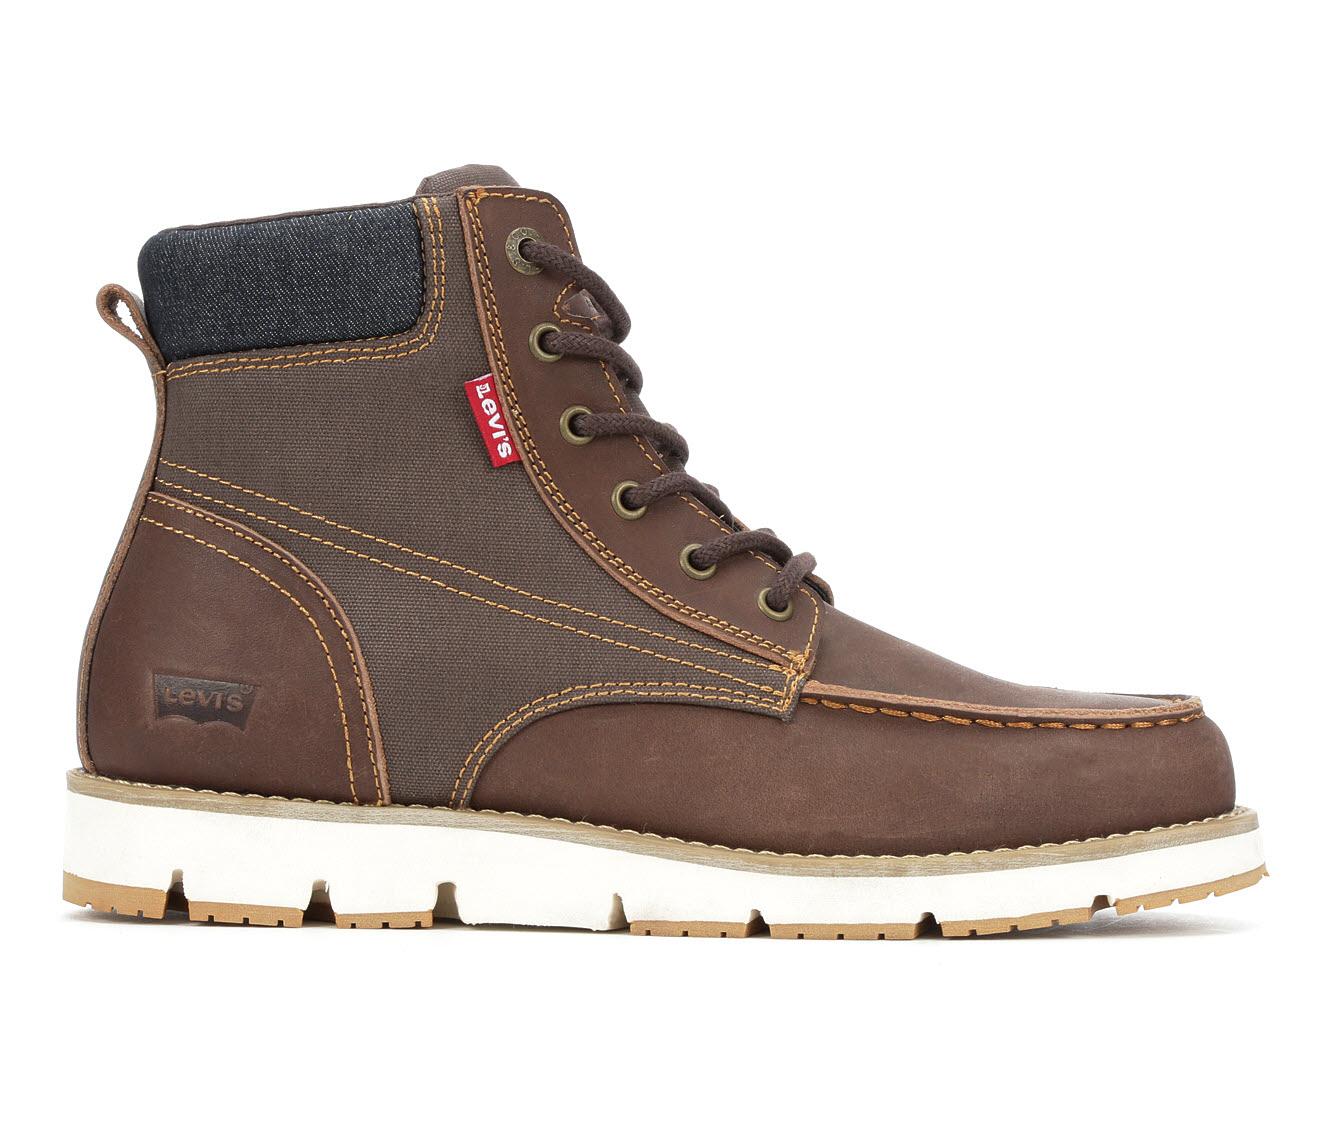 Levis Dean 2.0 Men's Boots (Brown Leather)